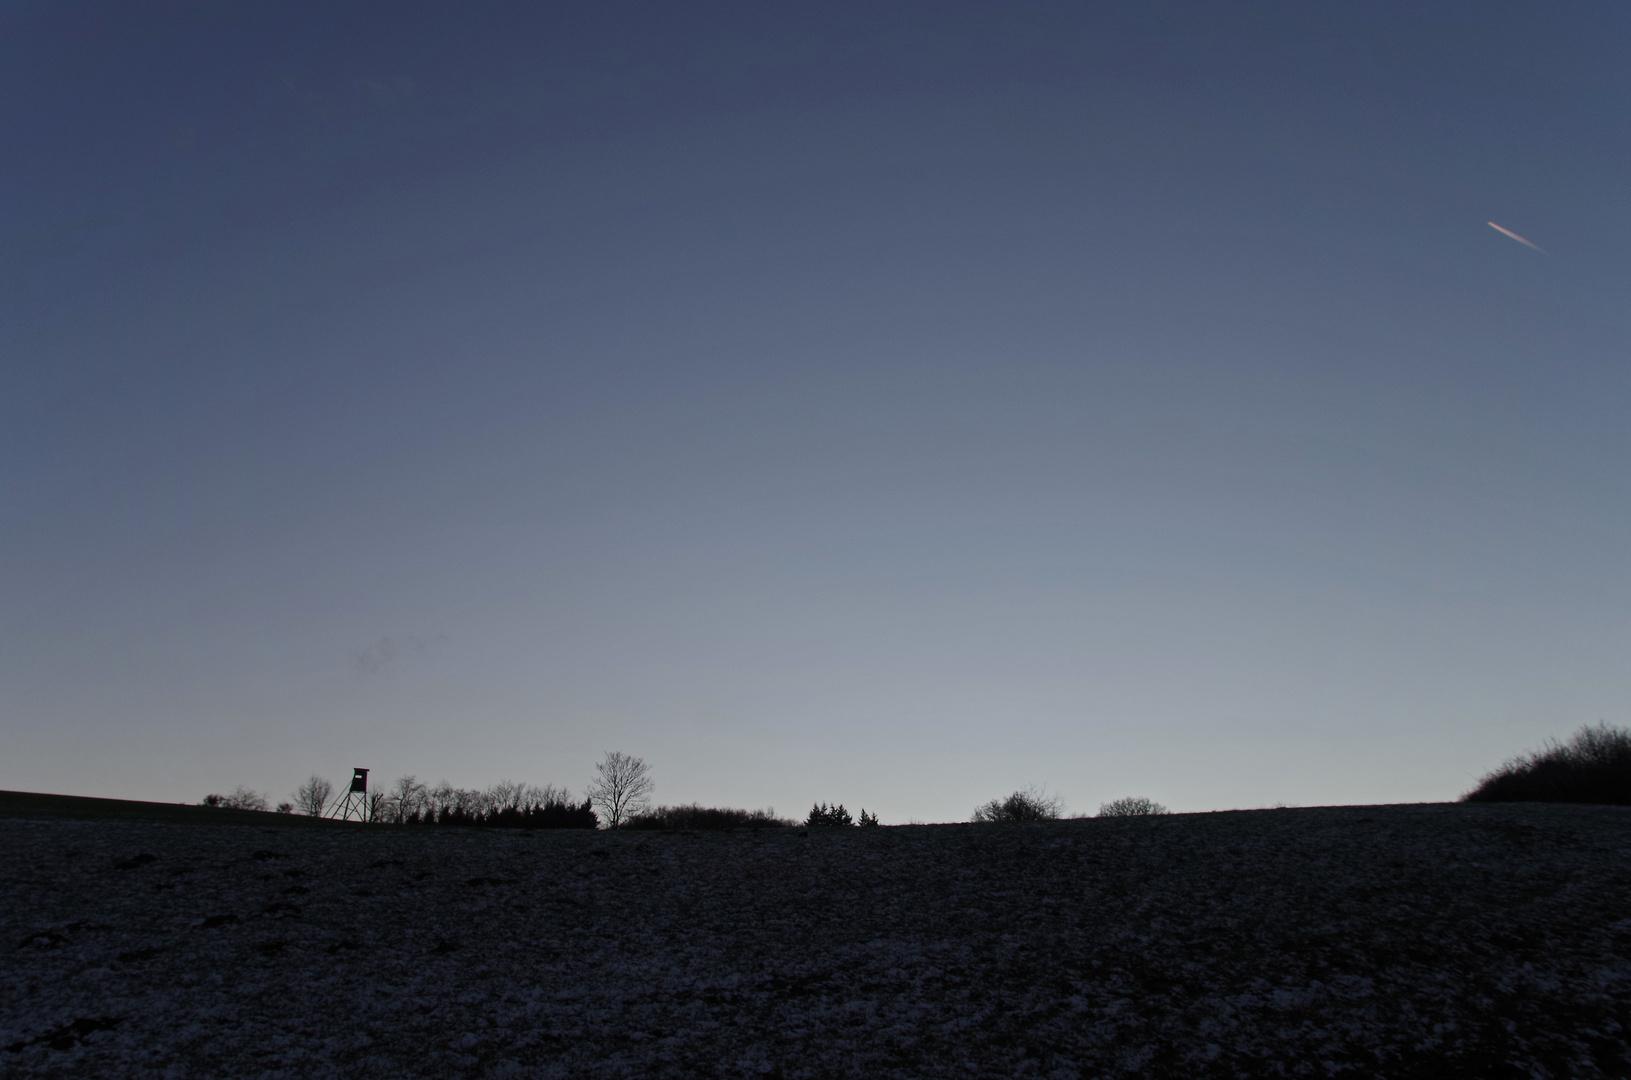 Spätabendhimmel in der Eifel